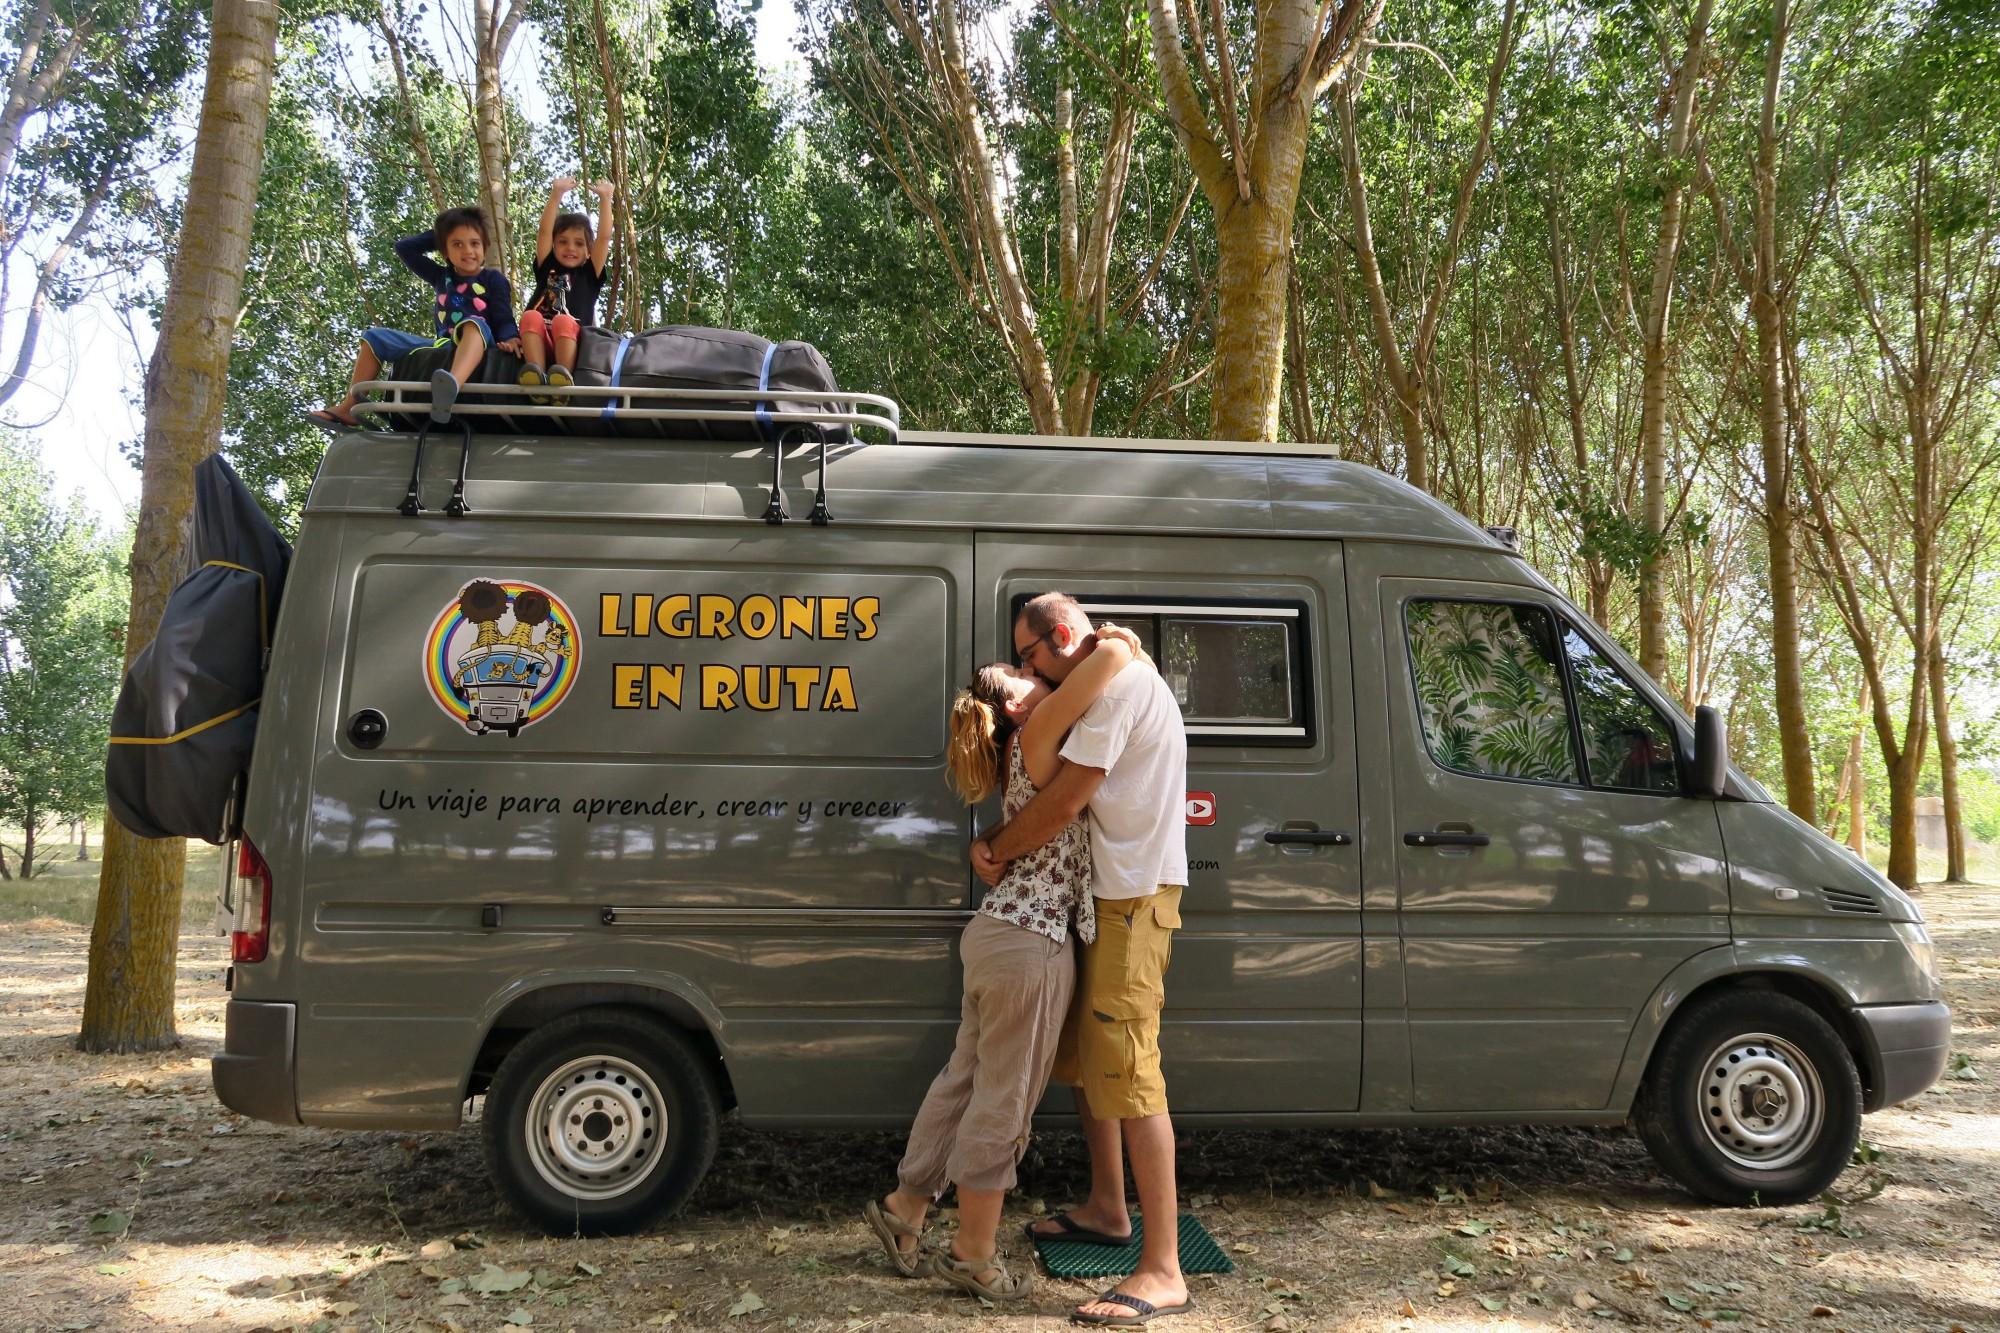 ENTREVISTA: Ligrones en Ruta - Viajeros por el Mundo